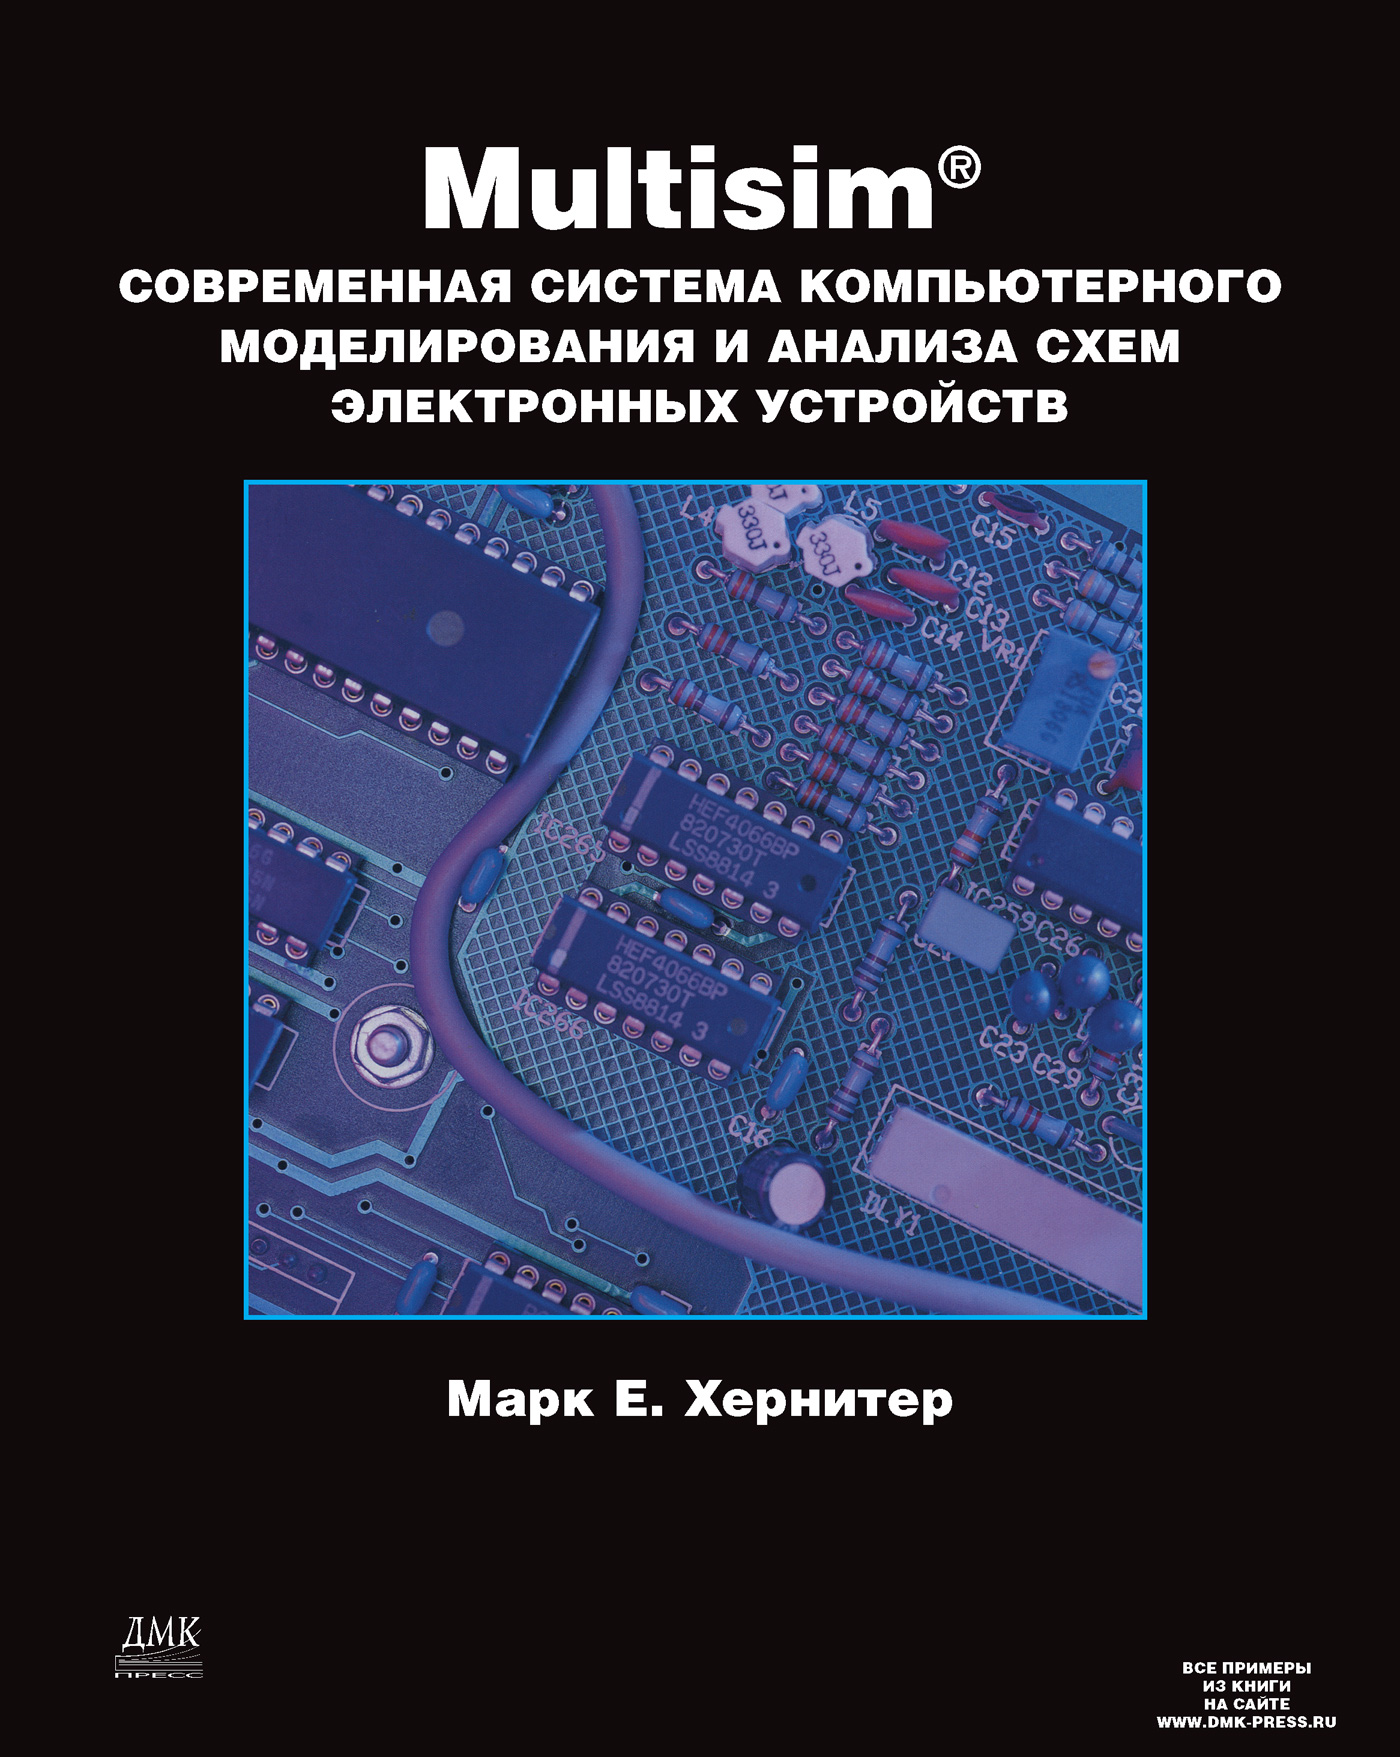 Марк Хернитер «Multisim. Современная система компьютерного моделирования и анализа схем электронных устройств»